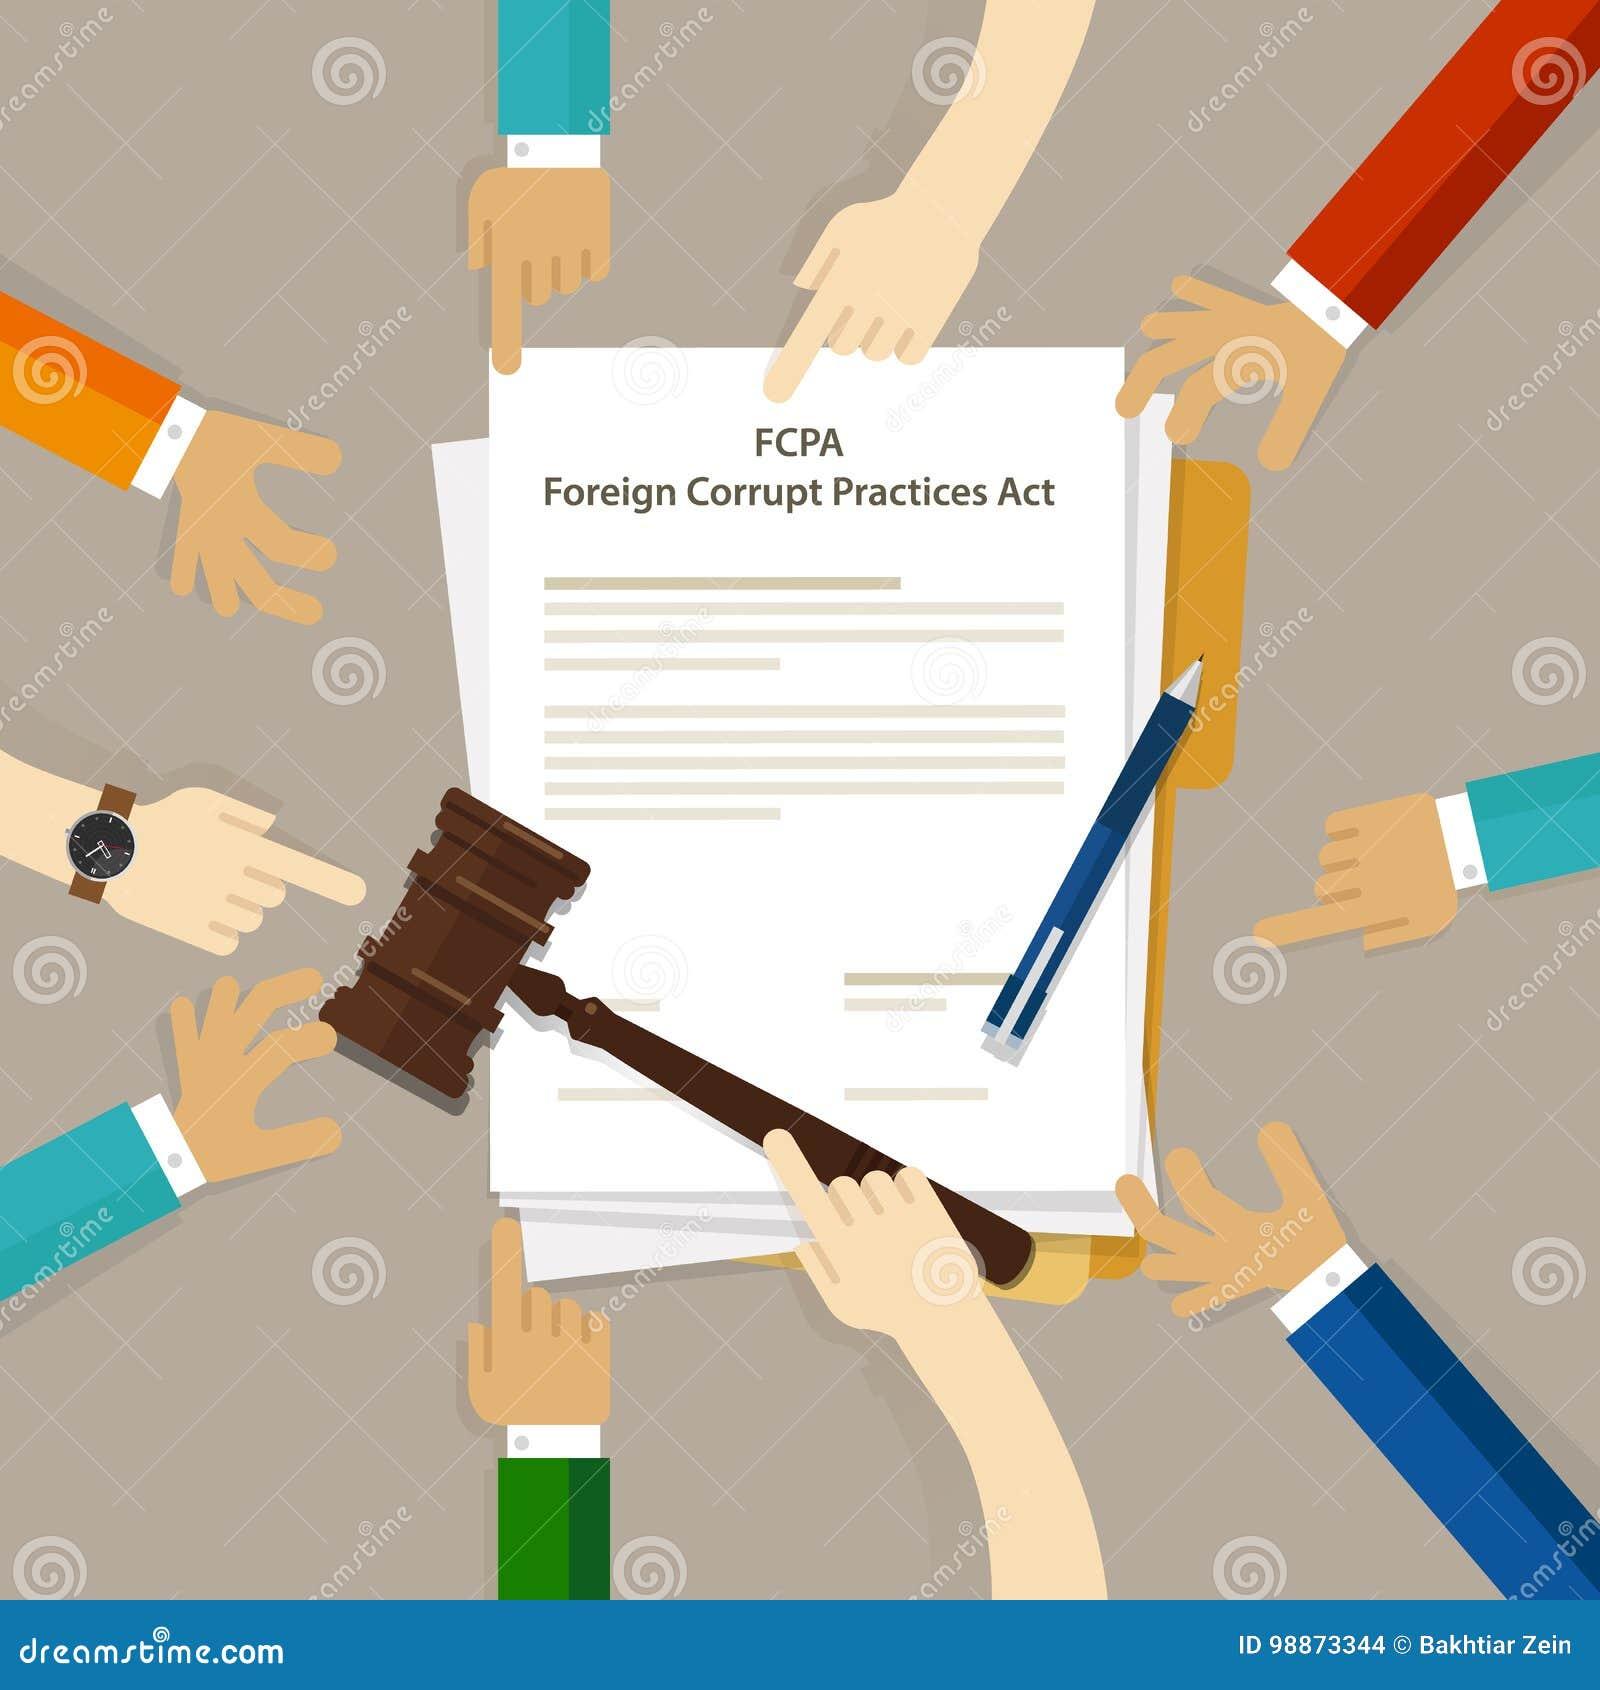 Acuerdo judicial del conflicto de intereses de la aplicación de las prácticas corruptas de FCPA del acto de la ley del crimen de